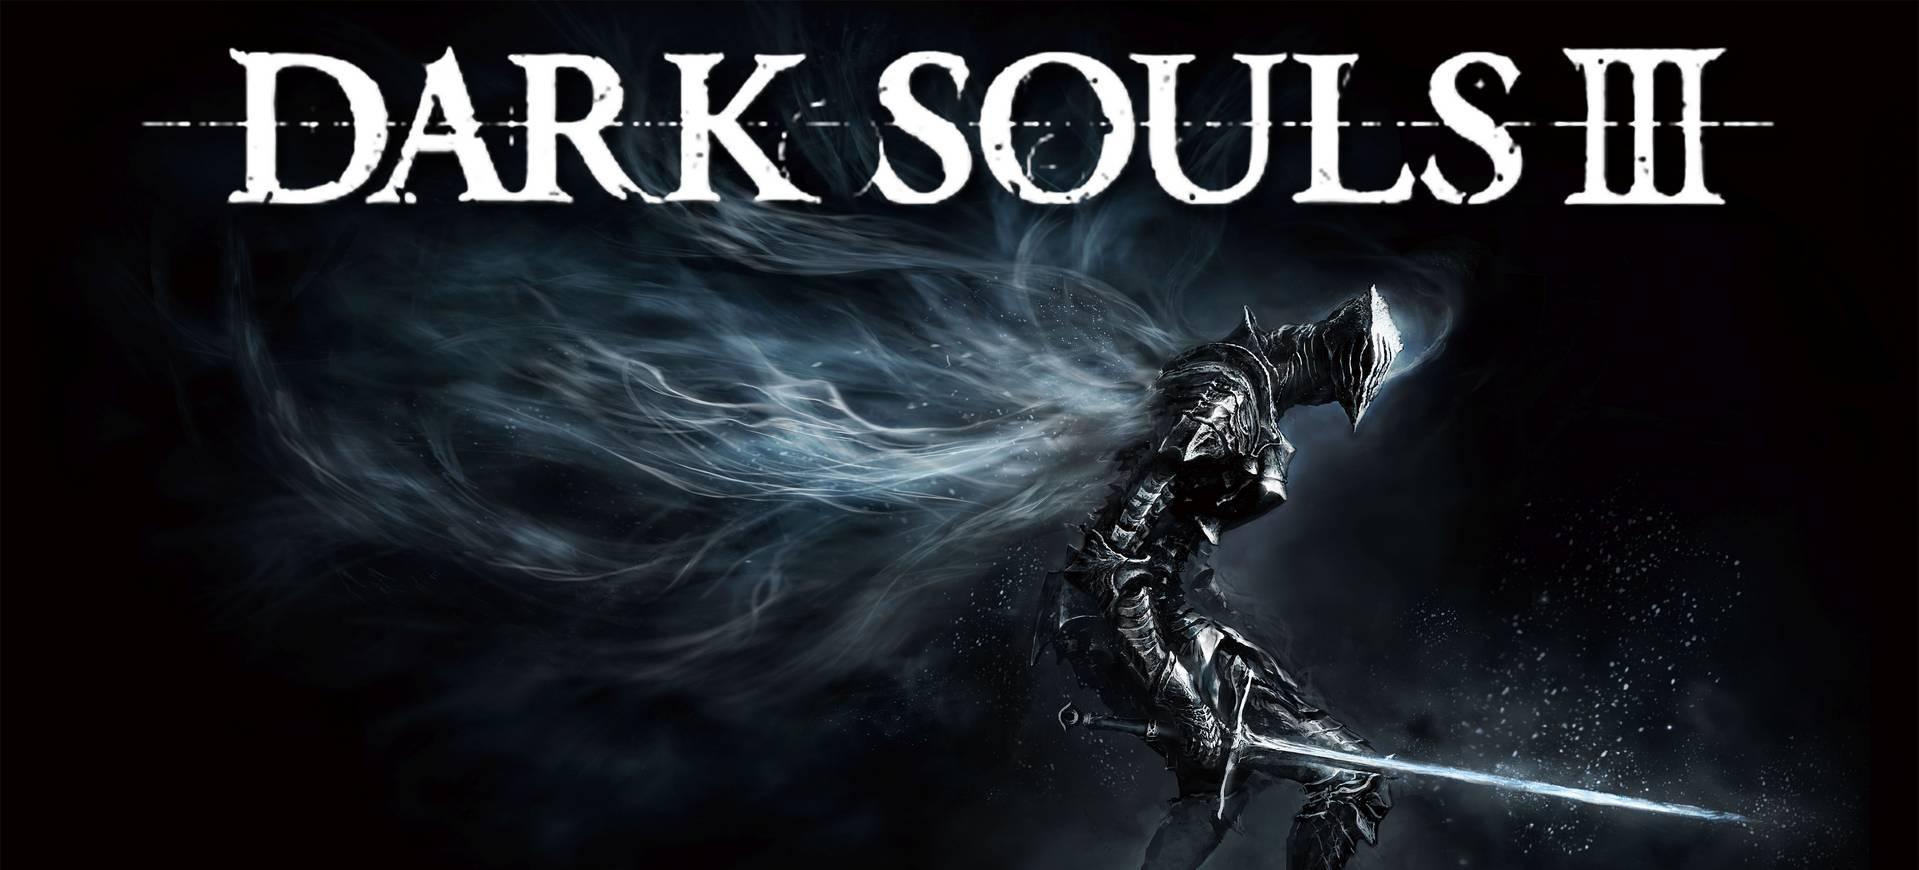 Dark Souls III sẽ chạy ở mức 60 fps trên PC - Tin Game